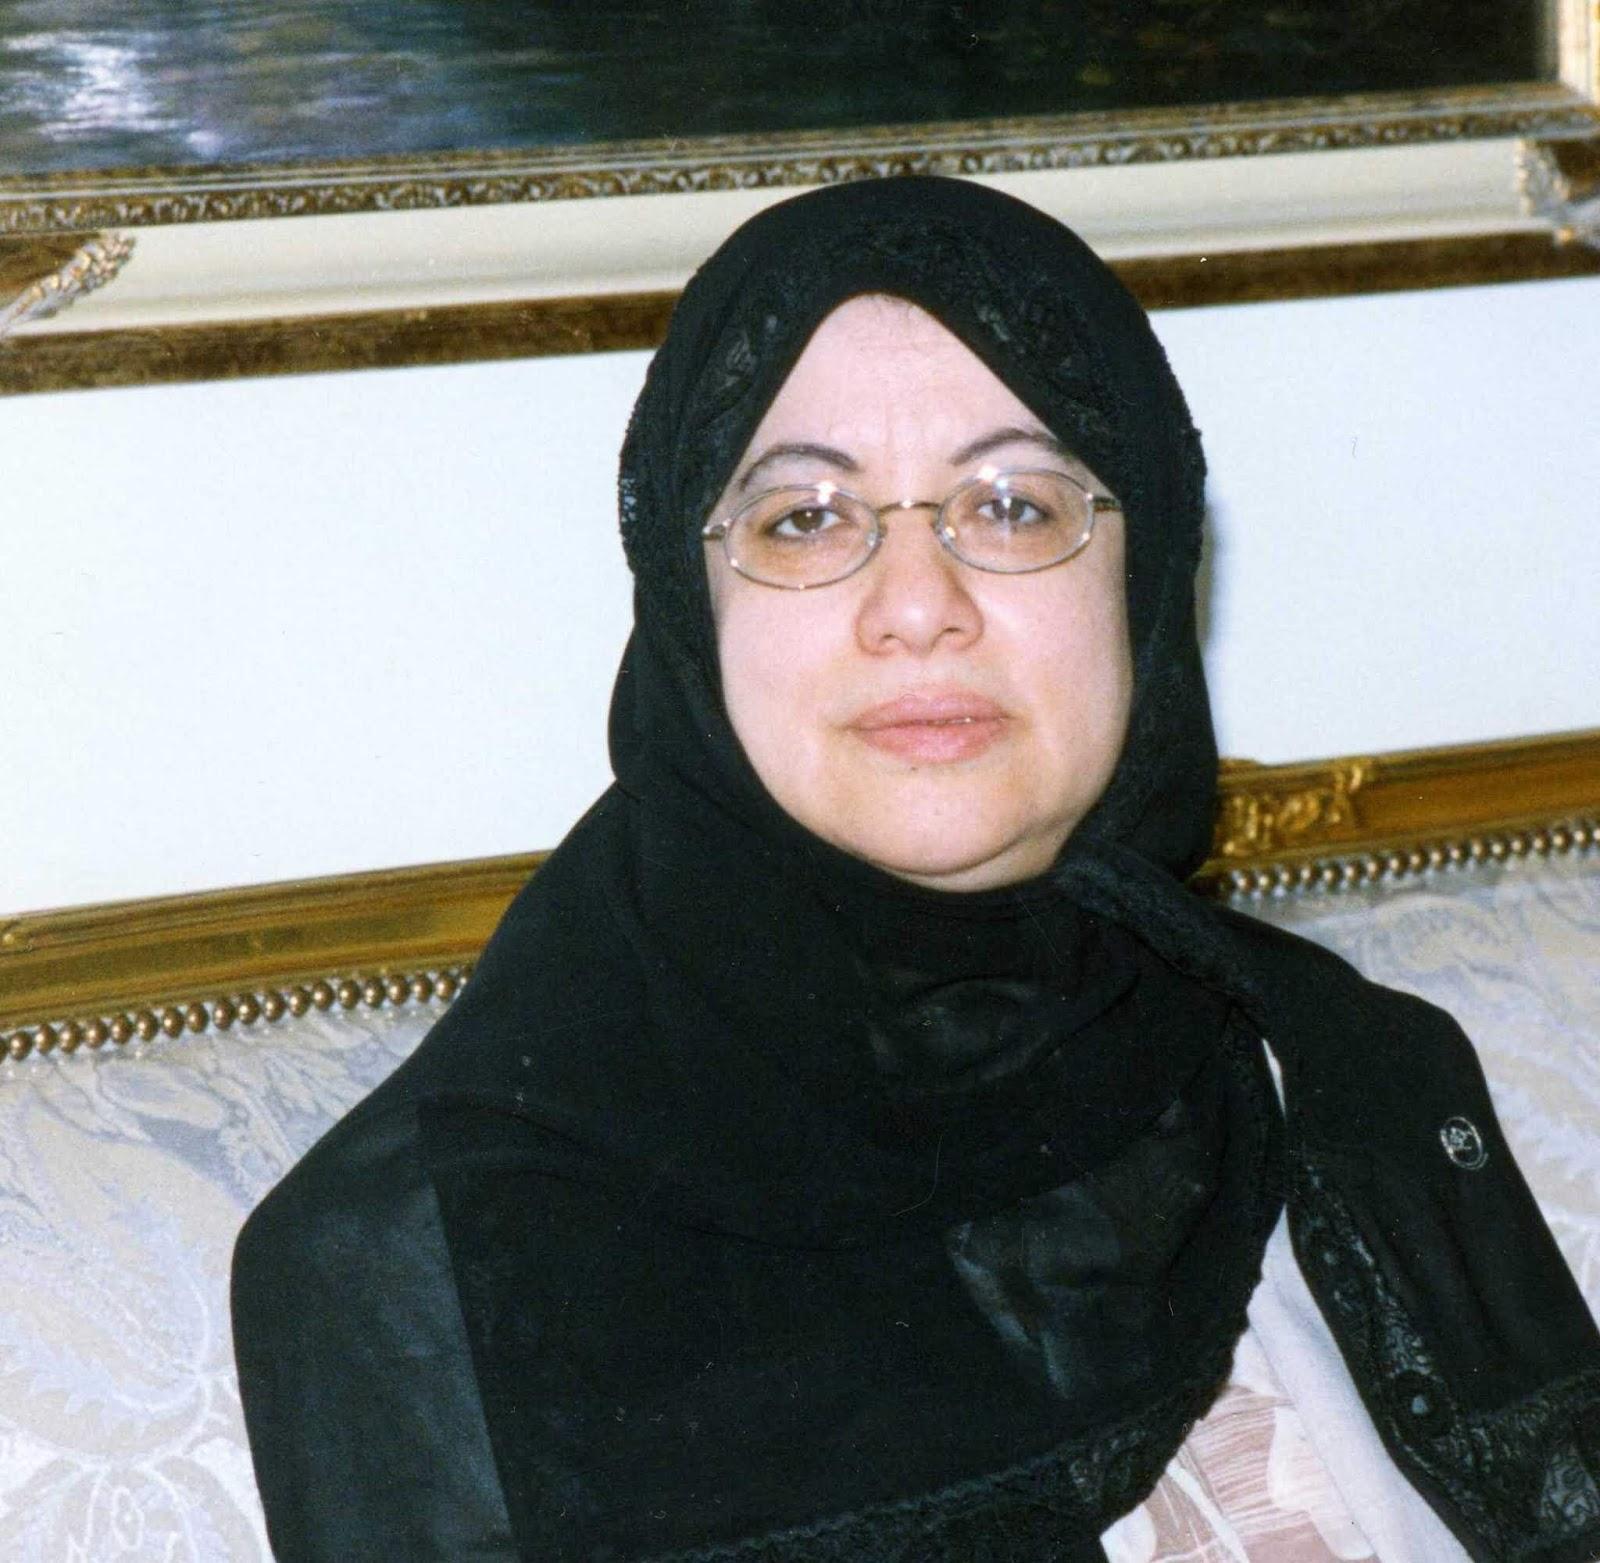 الحضارات العربية قبل الإسلام في مناهجنا الدراسية(2)